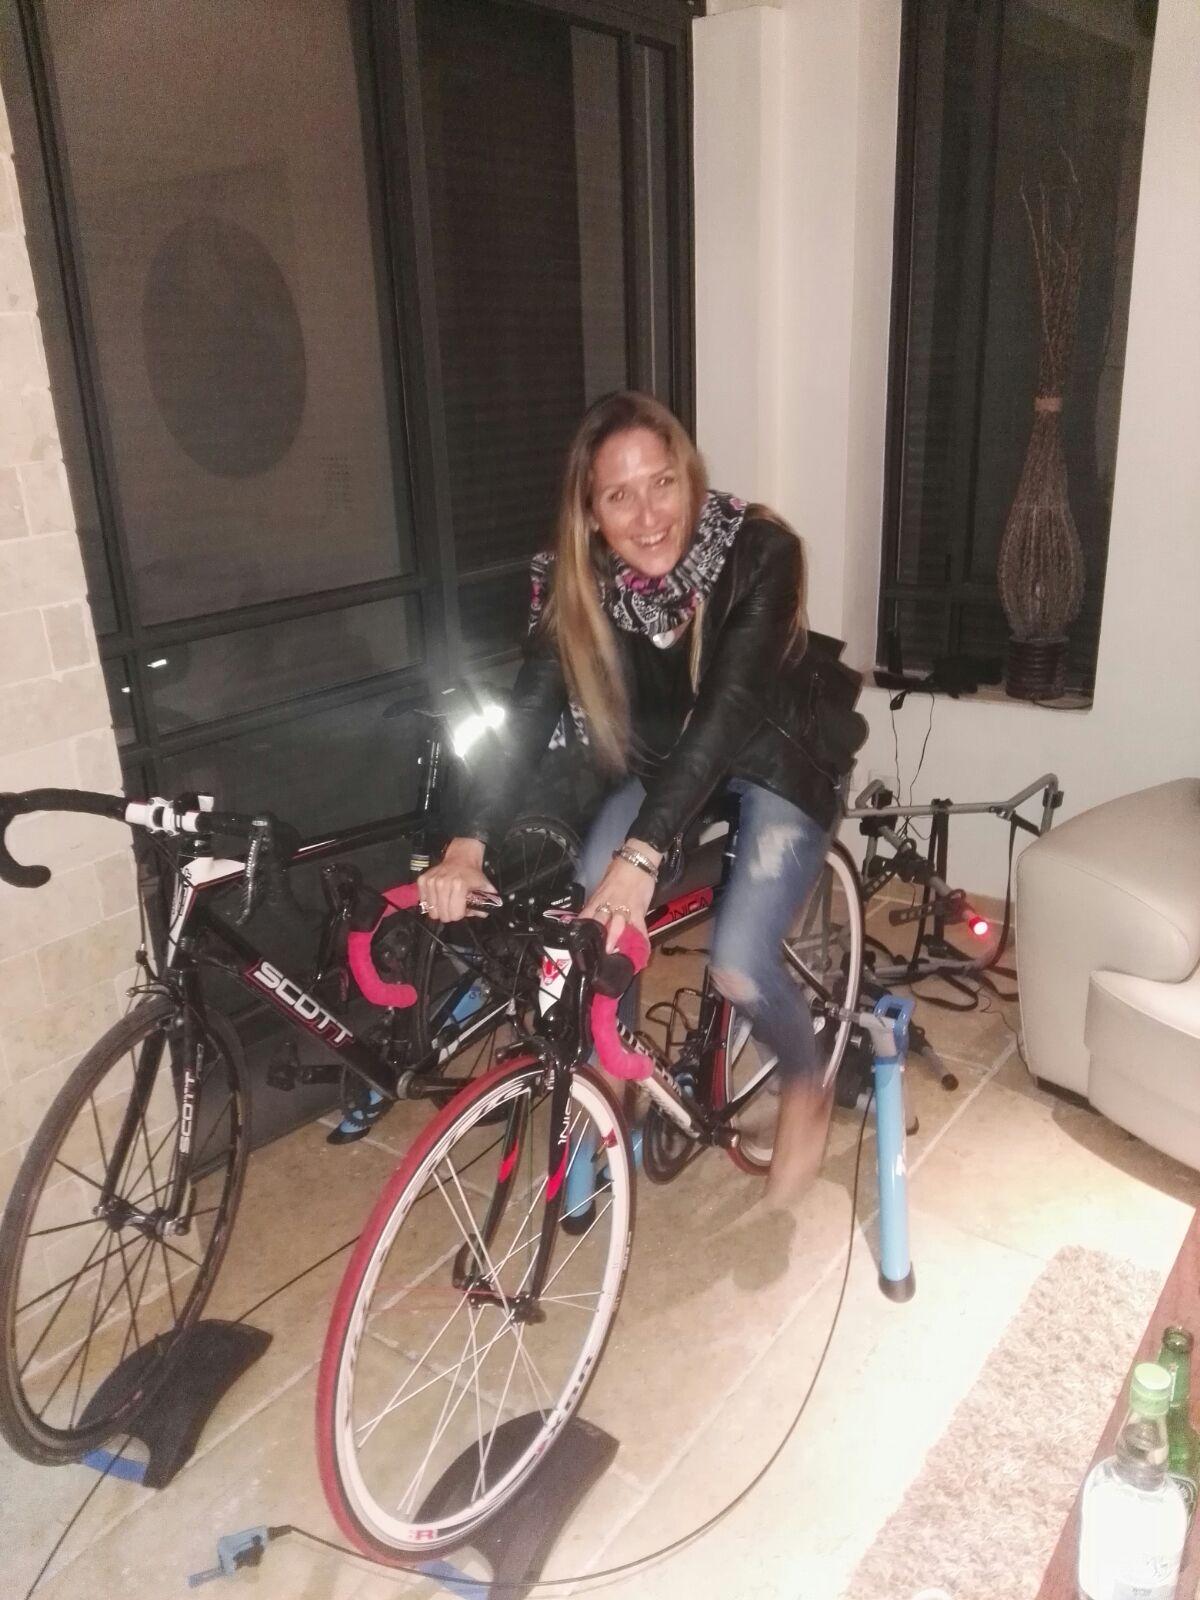 על ג'ינס ועקבים... ונסה ברנס לא מתחברת לטרנד האופניים